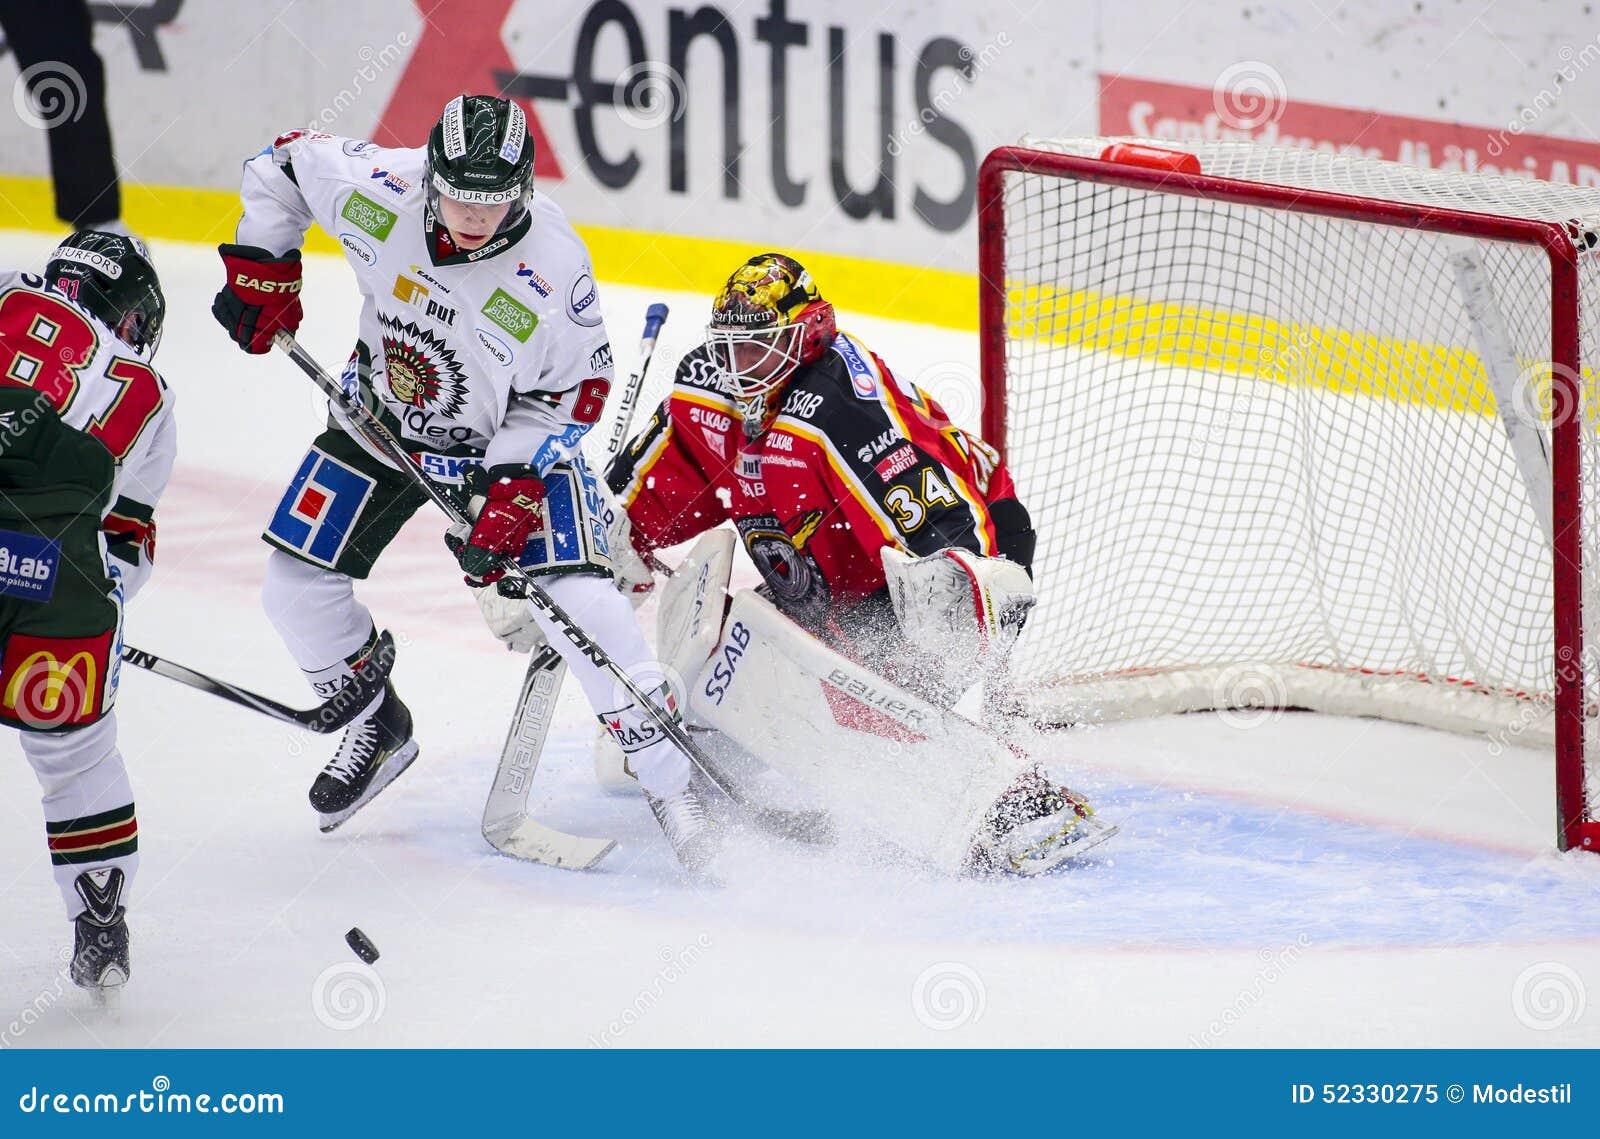 Lulea, Sweden - March 18, 2015. Joel Lassinantti (#34 Lulea Hockey) is having a tough time in the net. Swedish Hockey